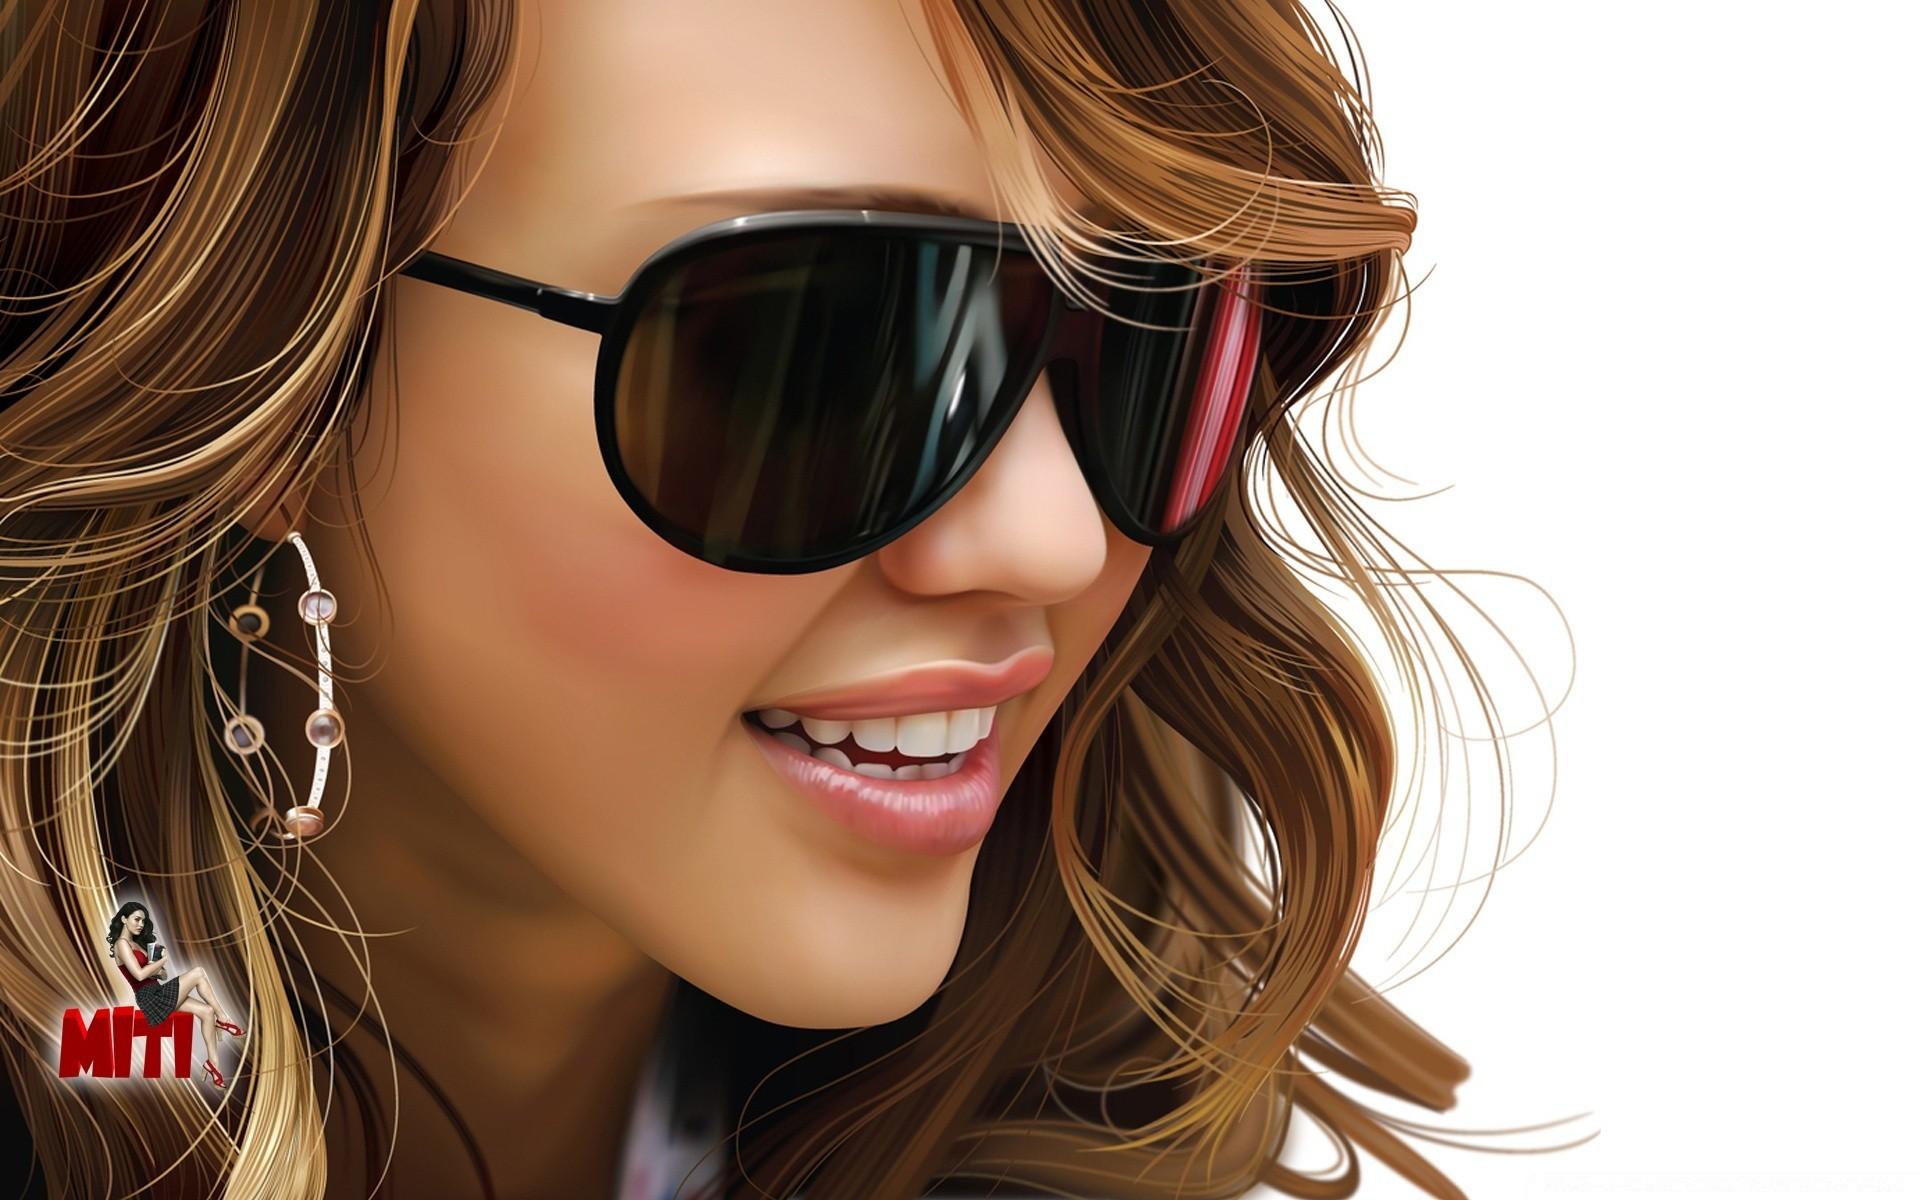 Картинки девушек в очках от солнца, копировать надпись картинки